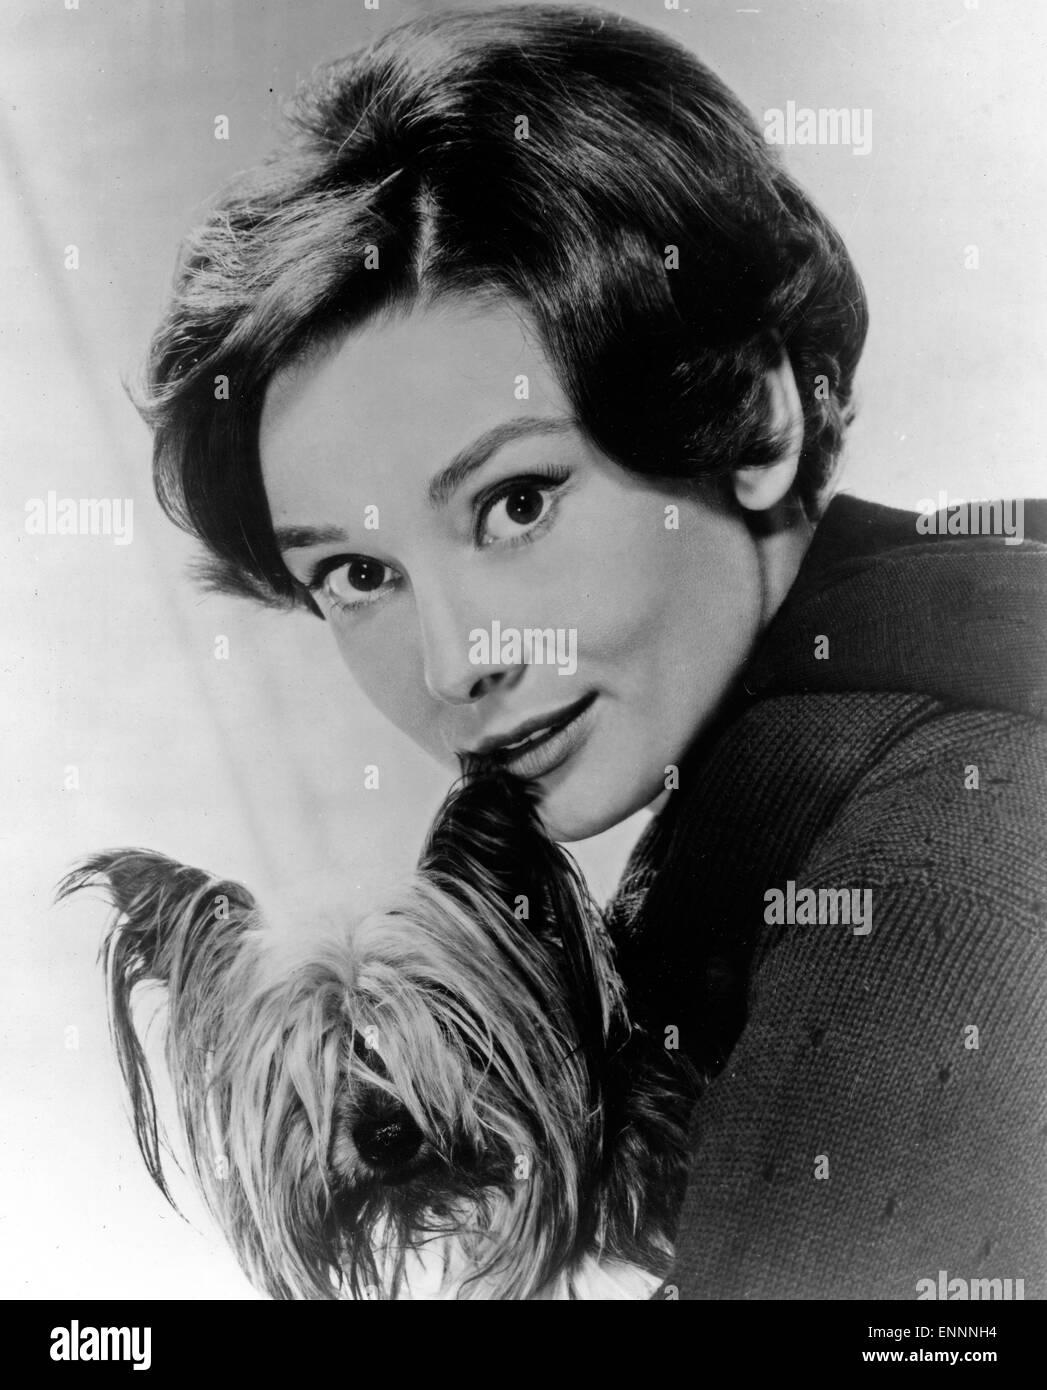 Publicity Shot von Audrey Hepburn aus den 50er Jahren - Stock Image